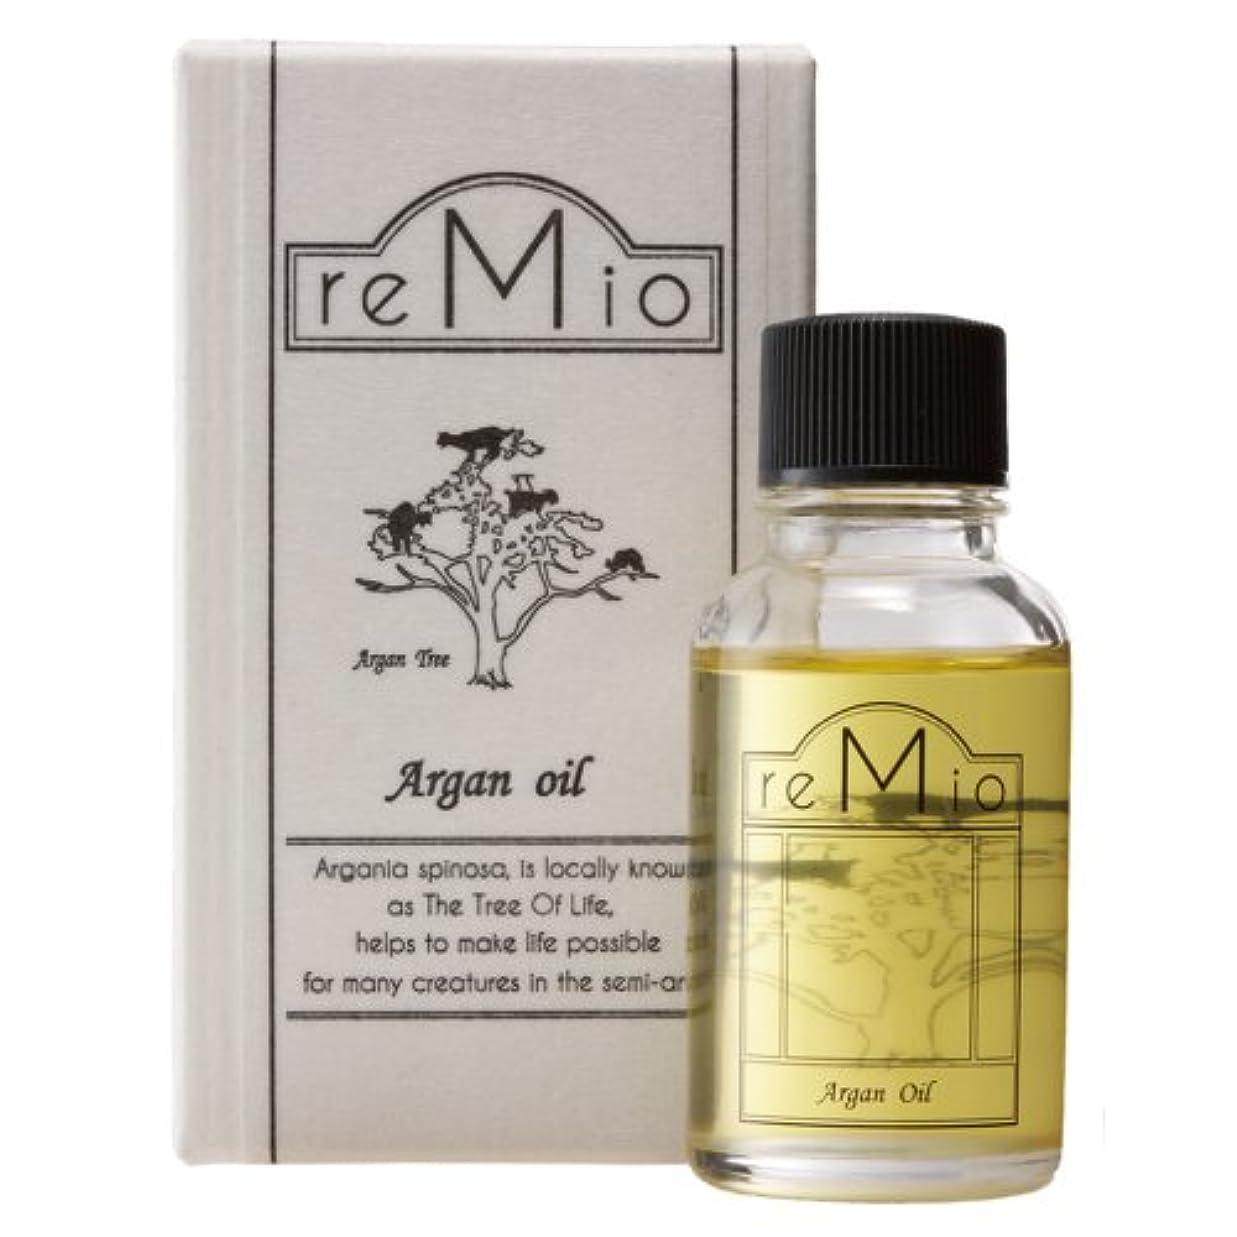 デザイナー余計な支出レミオ(REMIO) オーガニックアルガンオイル